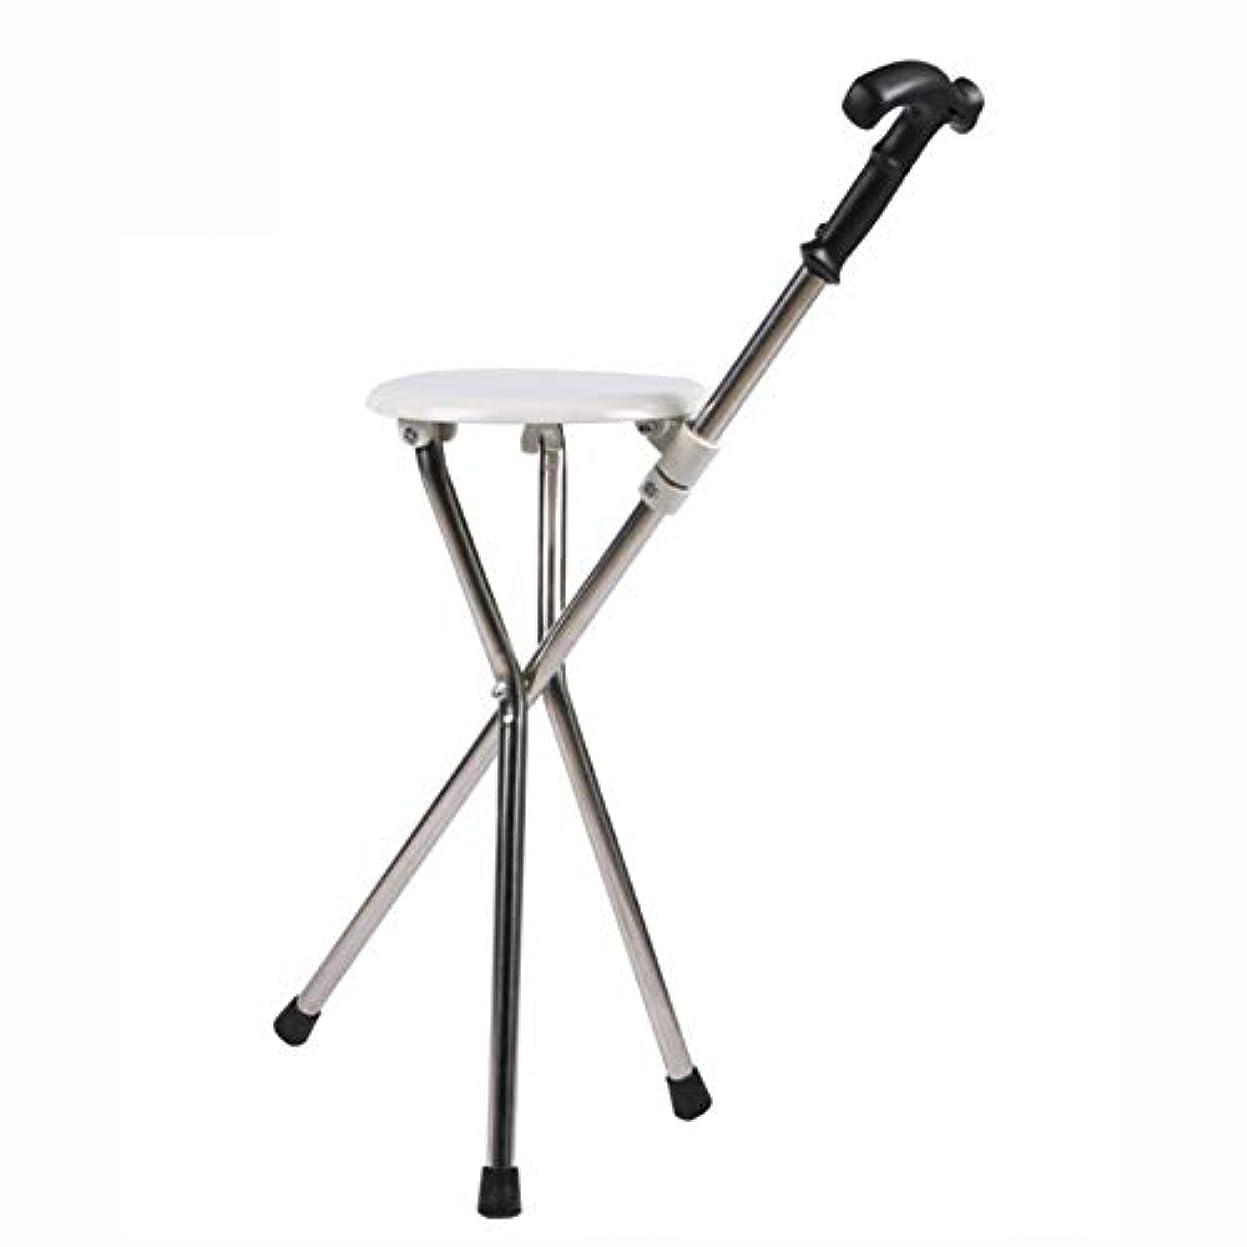 偏心謎下向きDSHUJCステンレス鋼松葉杖椅子折りたたみ杖シート高品質PPクッション22 mmステンレス鋼チューブ高齢者、安全、滑り止め